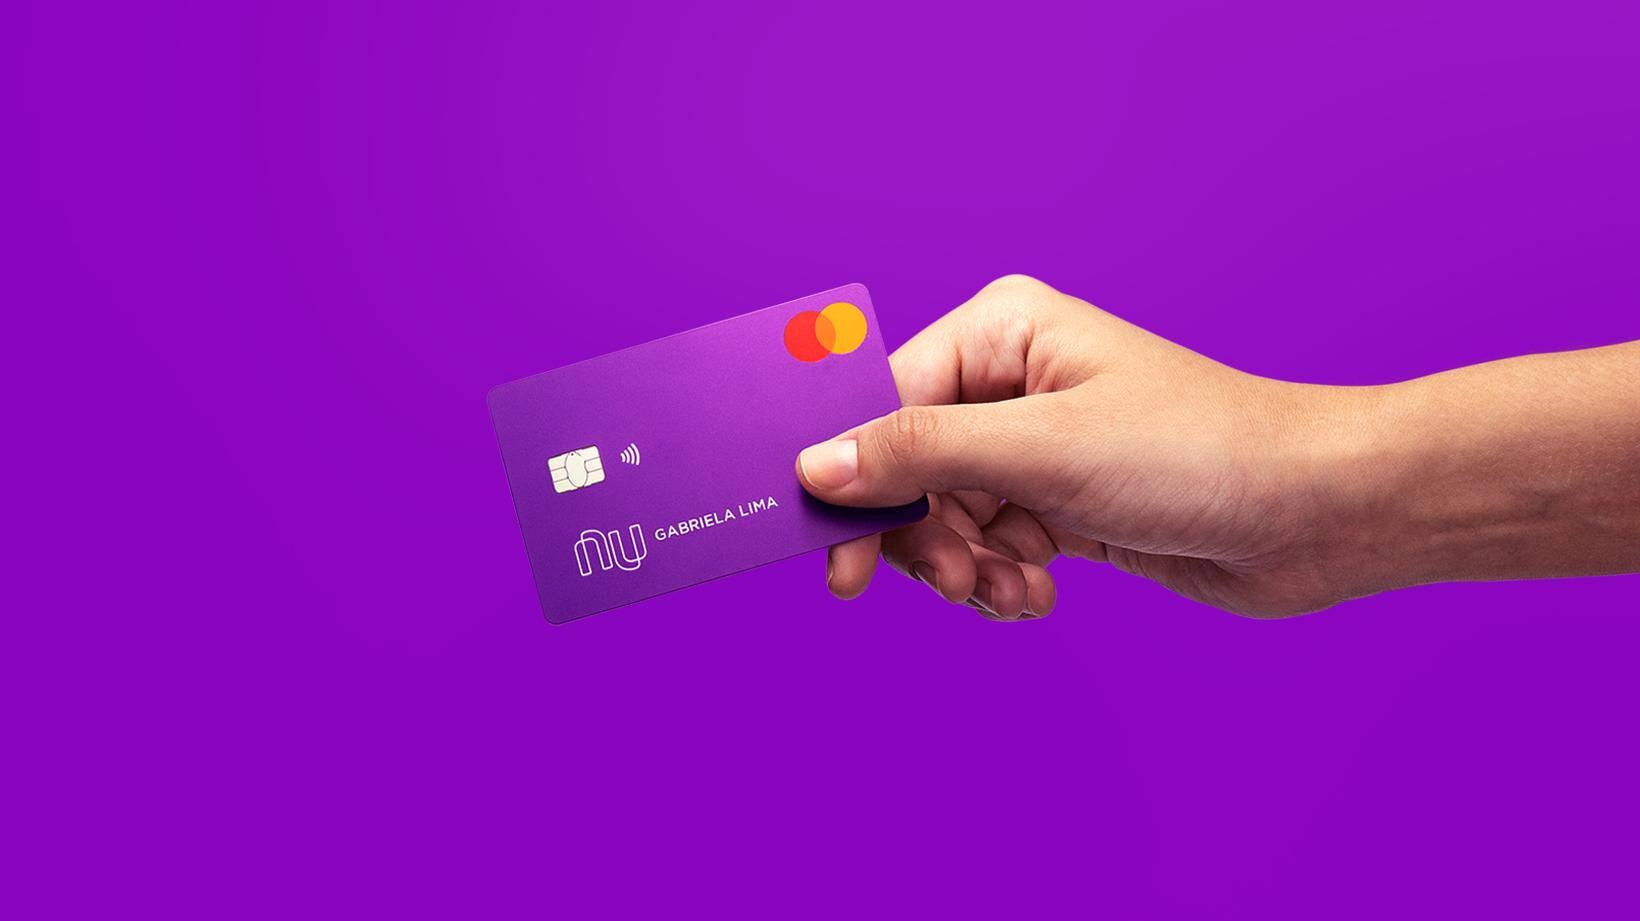 Nubank compra a easynvest, na foto, uma moça segurando um cartão de crédito roxo do nubank sobre um fundo roxo